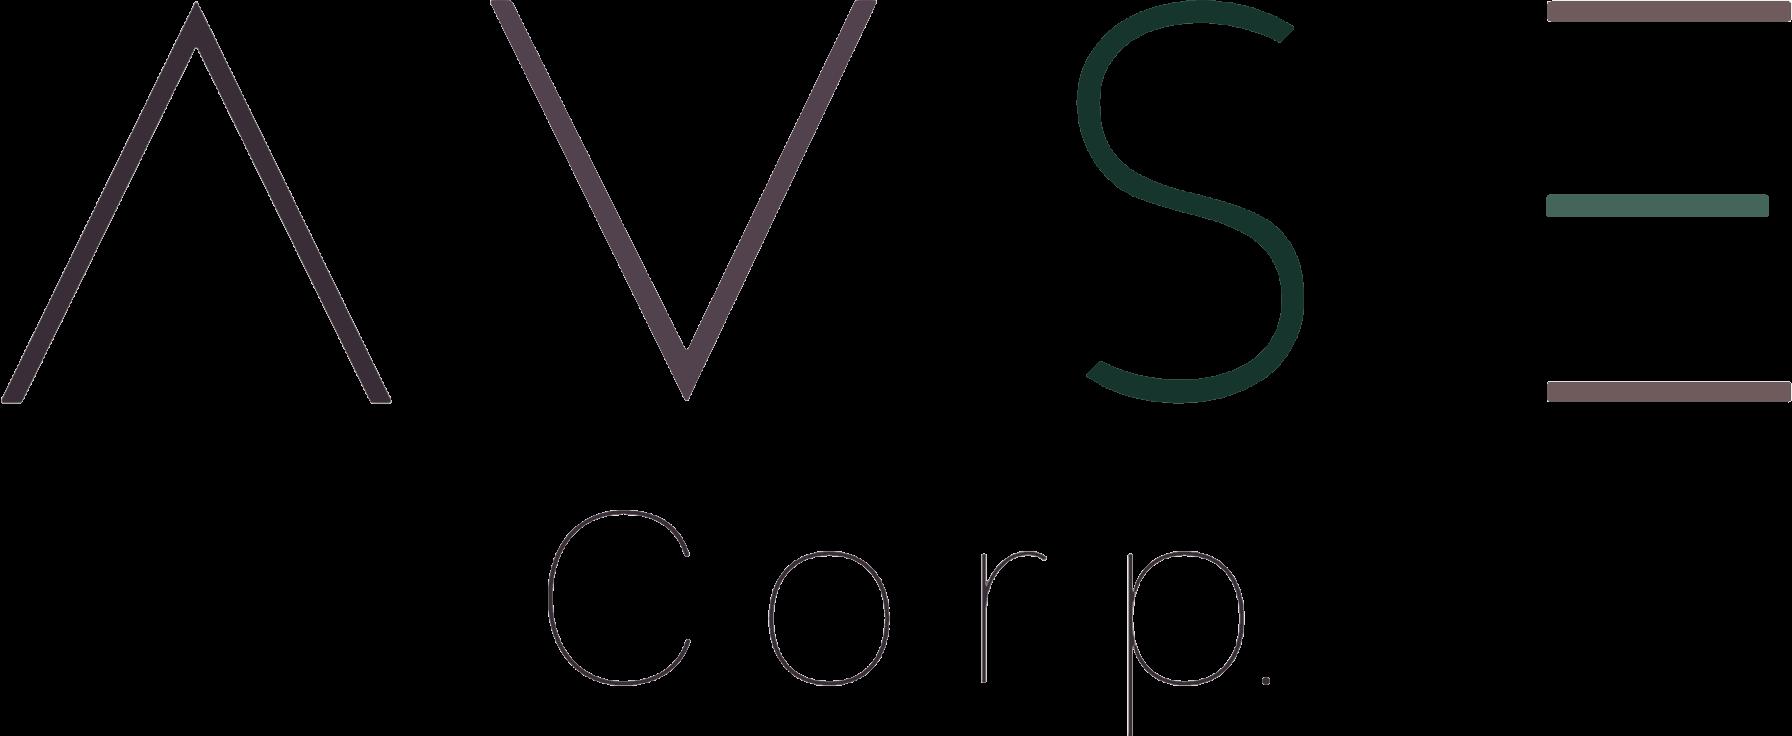 AVSE Corp